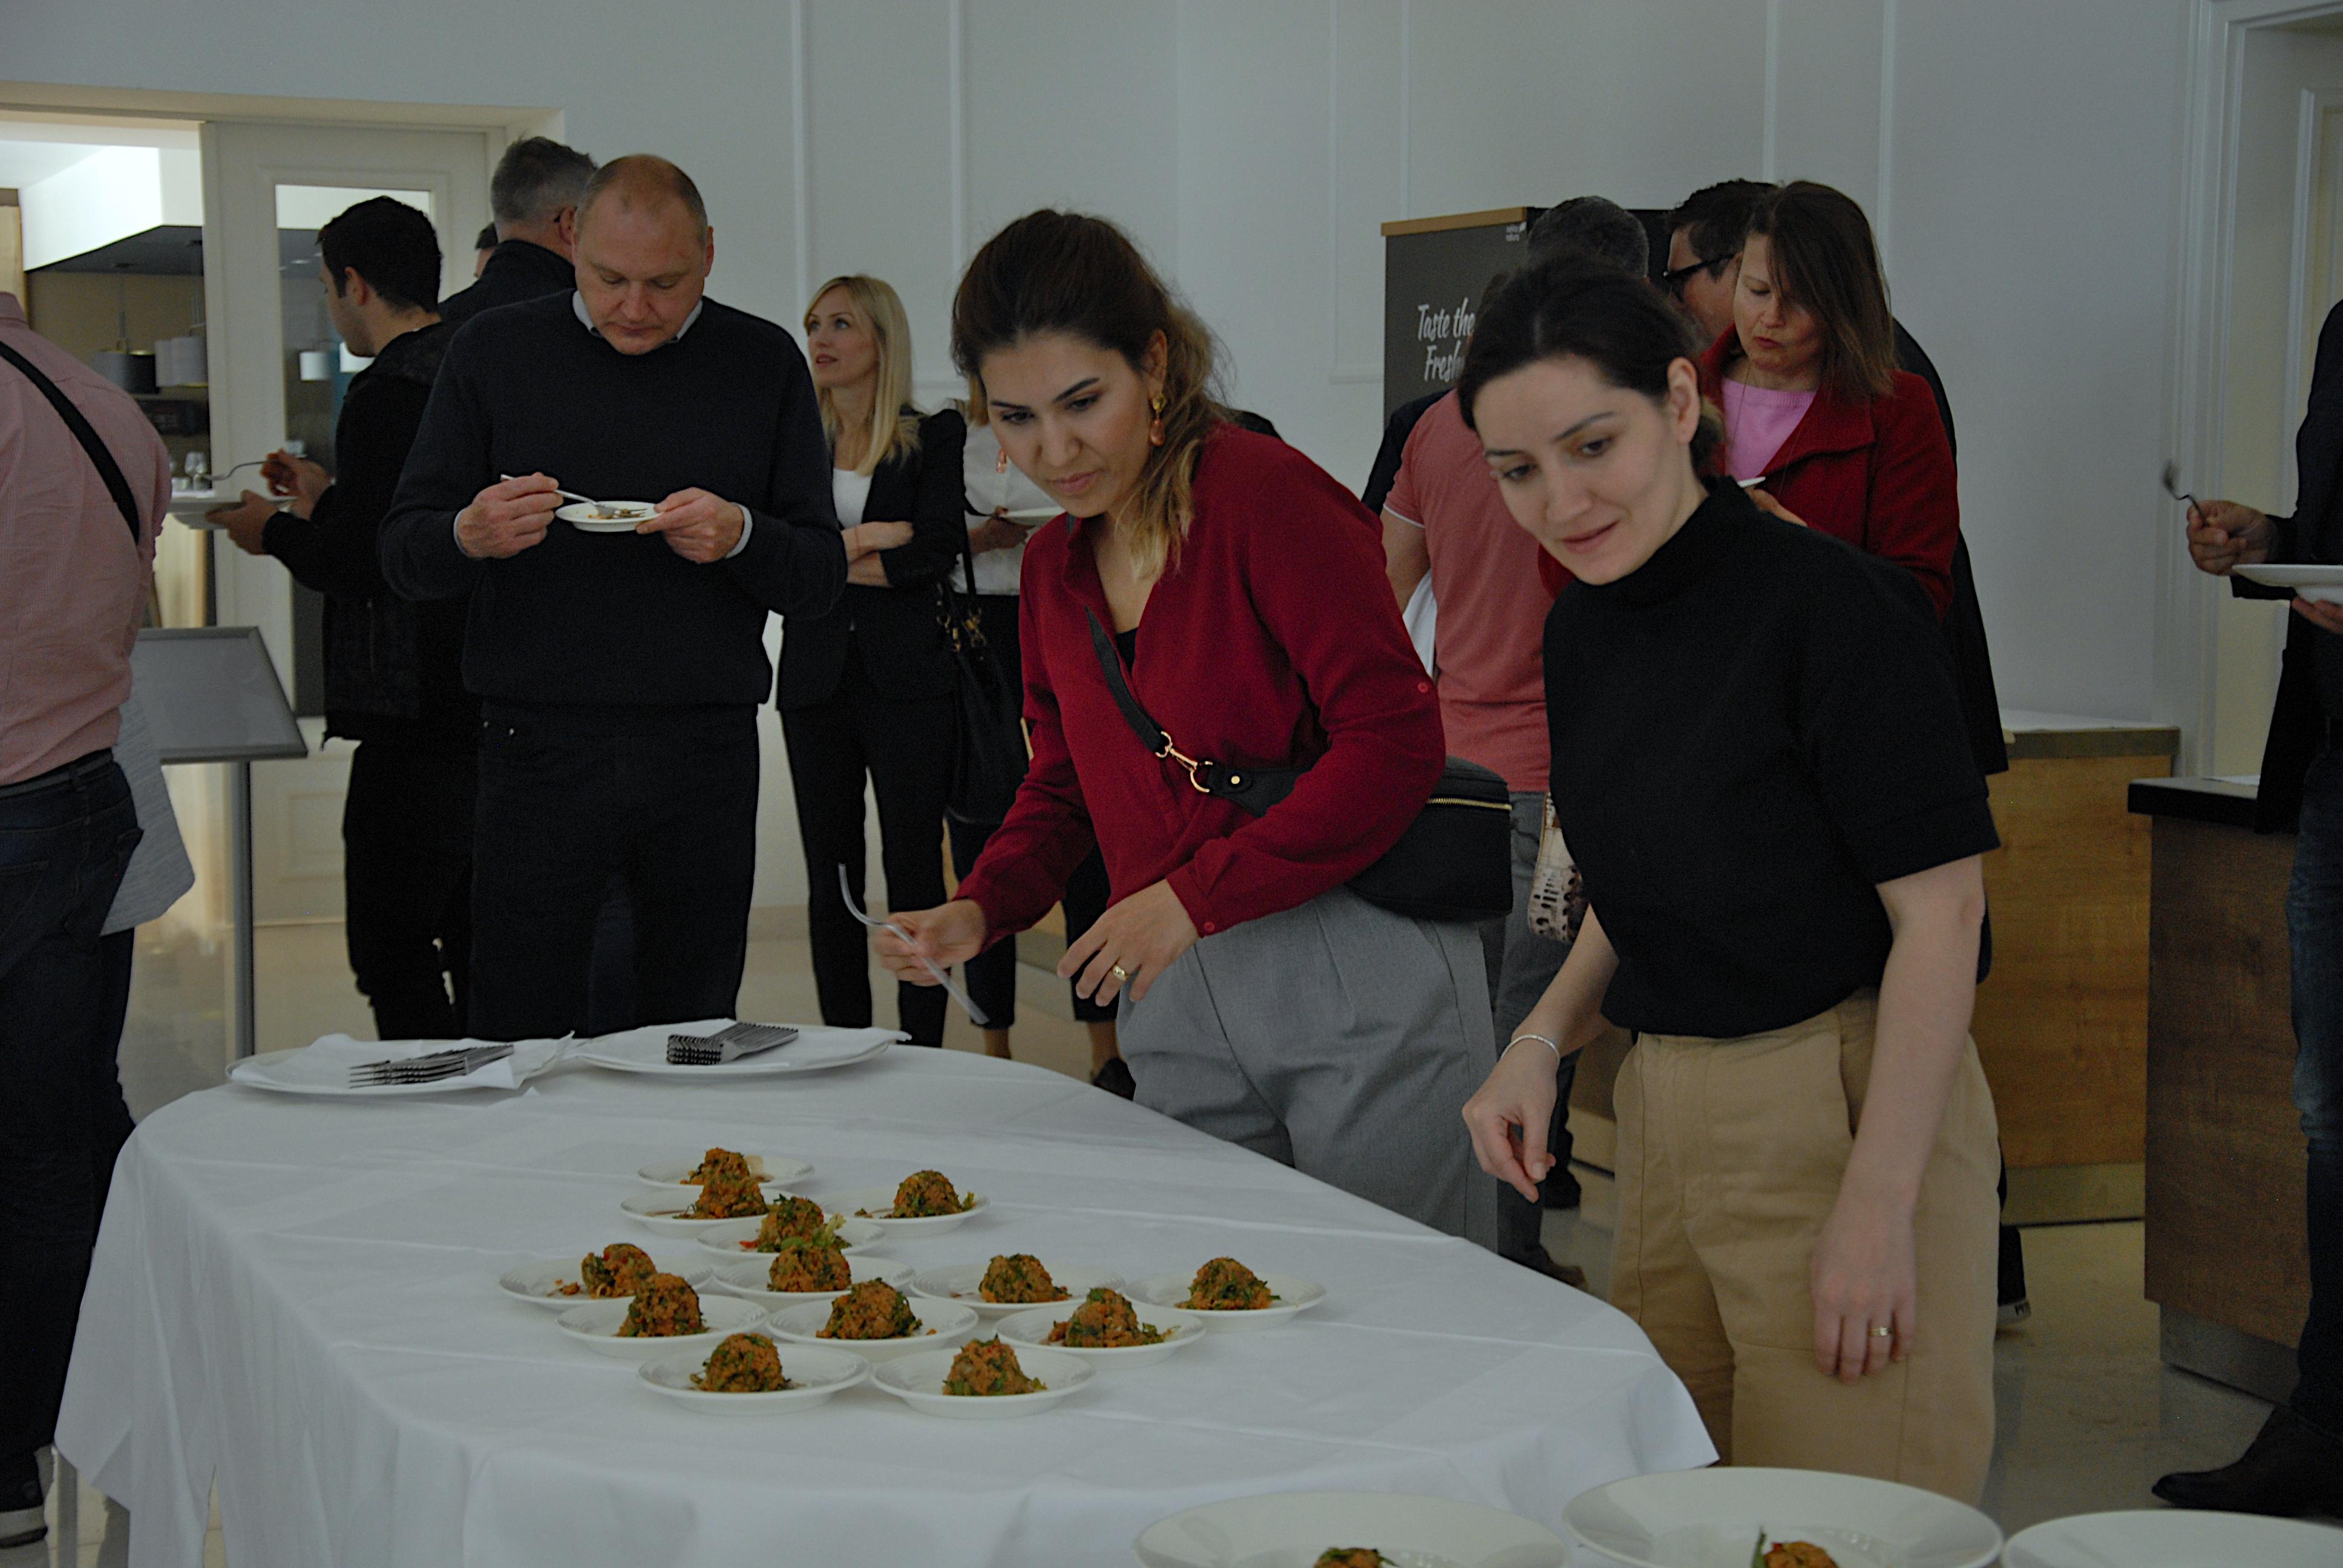 Radionica turske kuhinje u hotelu Esplanade u Crikvenici, snimila Nataša CAR